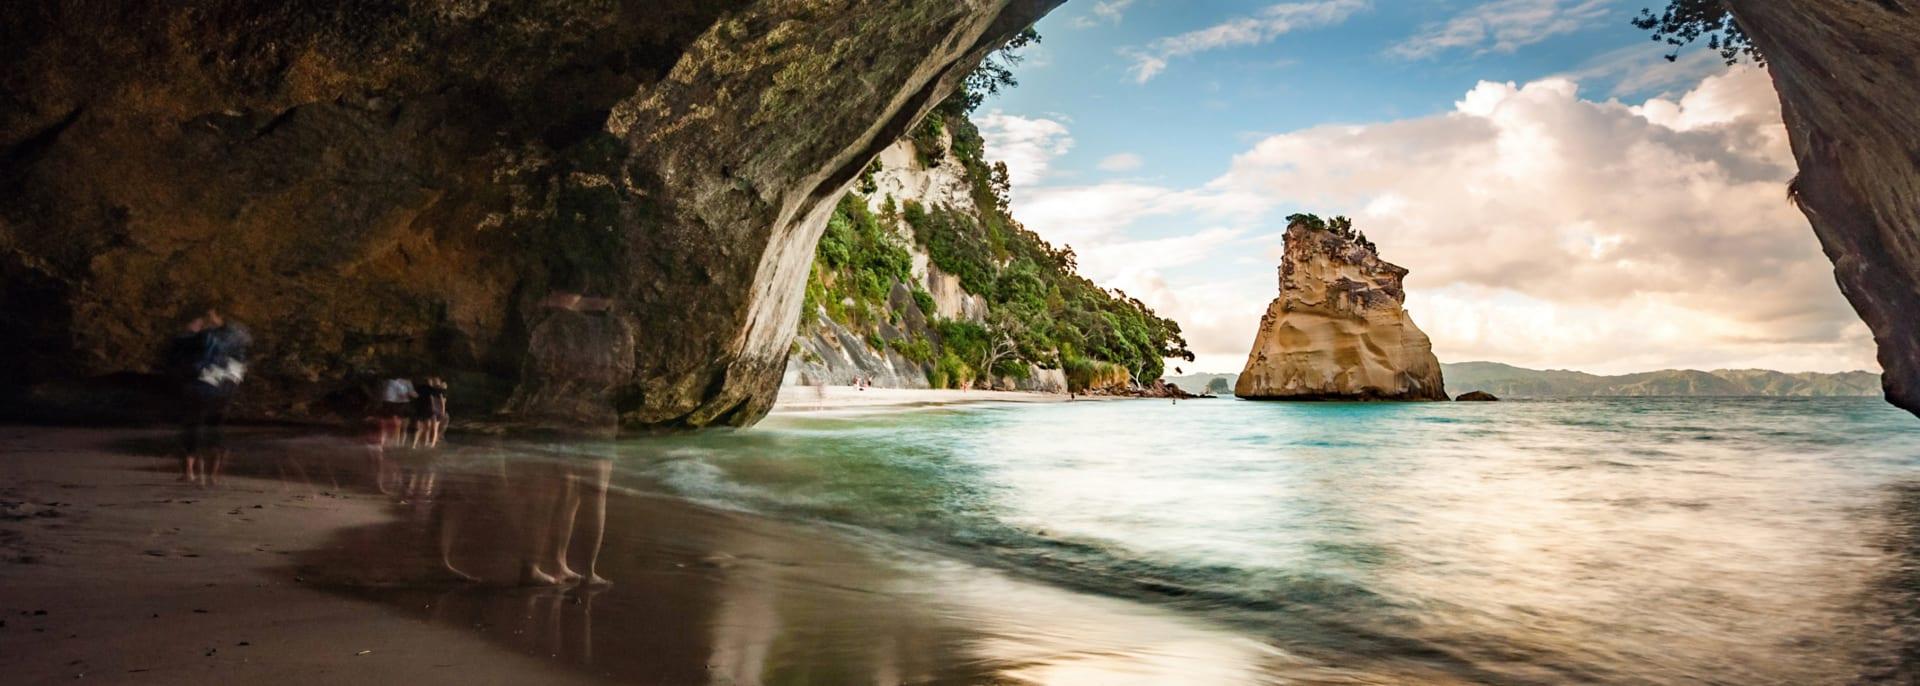 Coromandel, Neuseeland